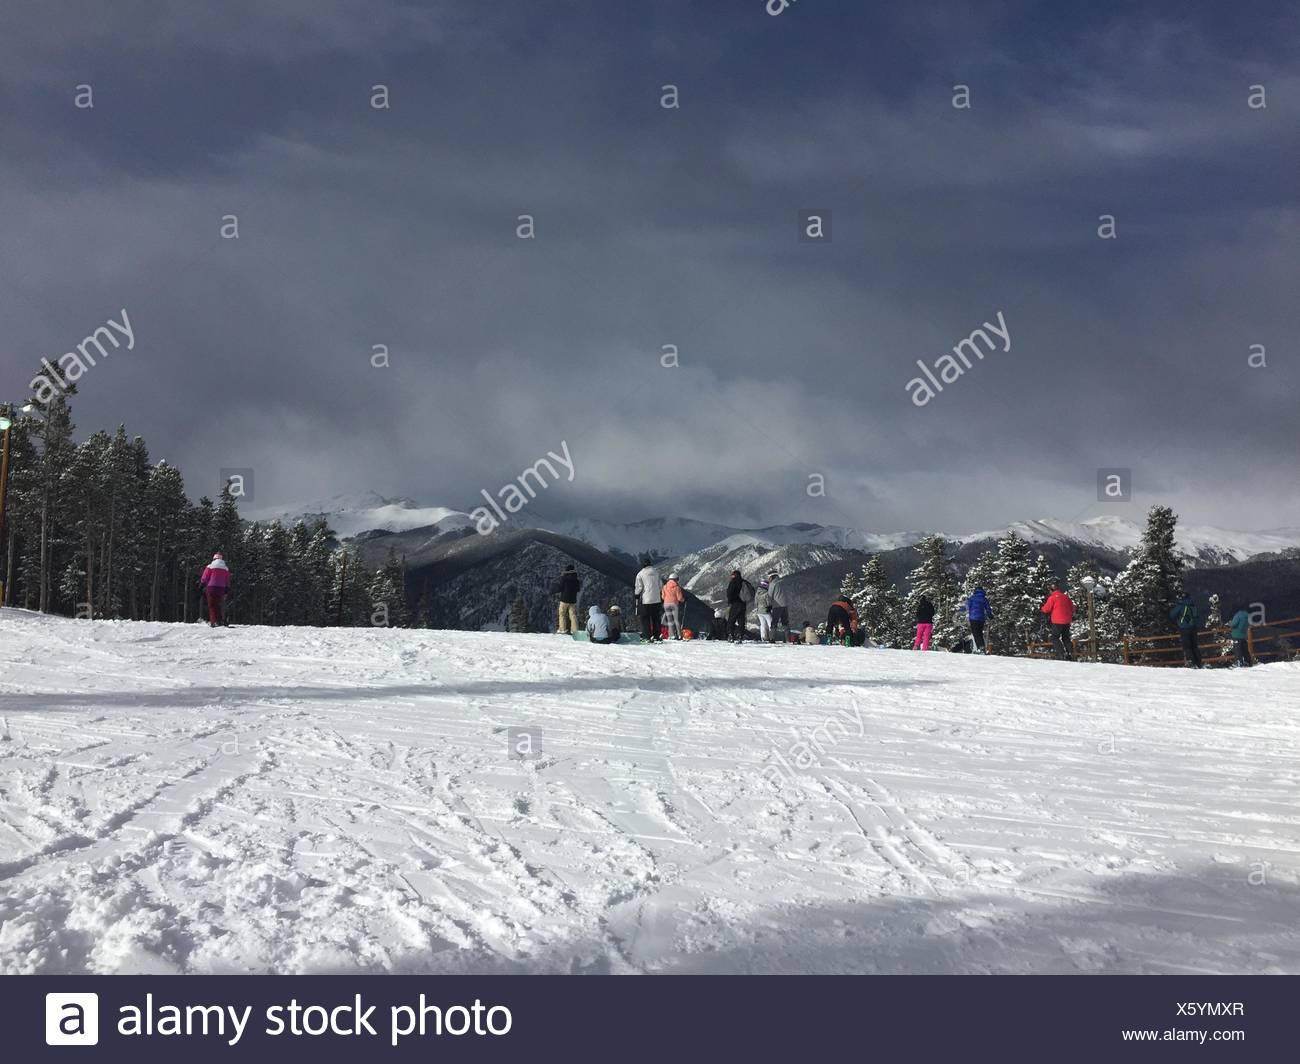 Glorious Mountains - Stock Image